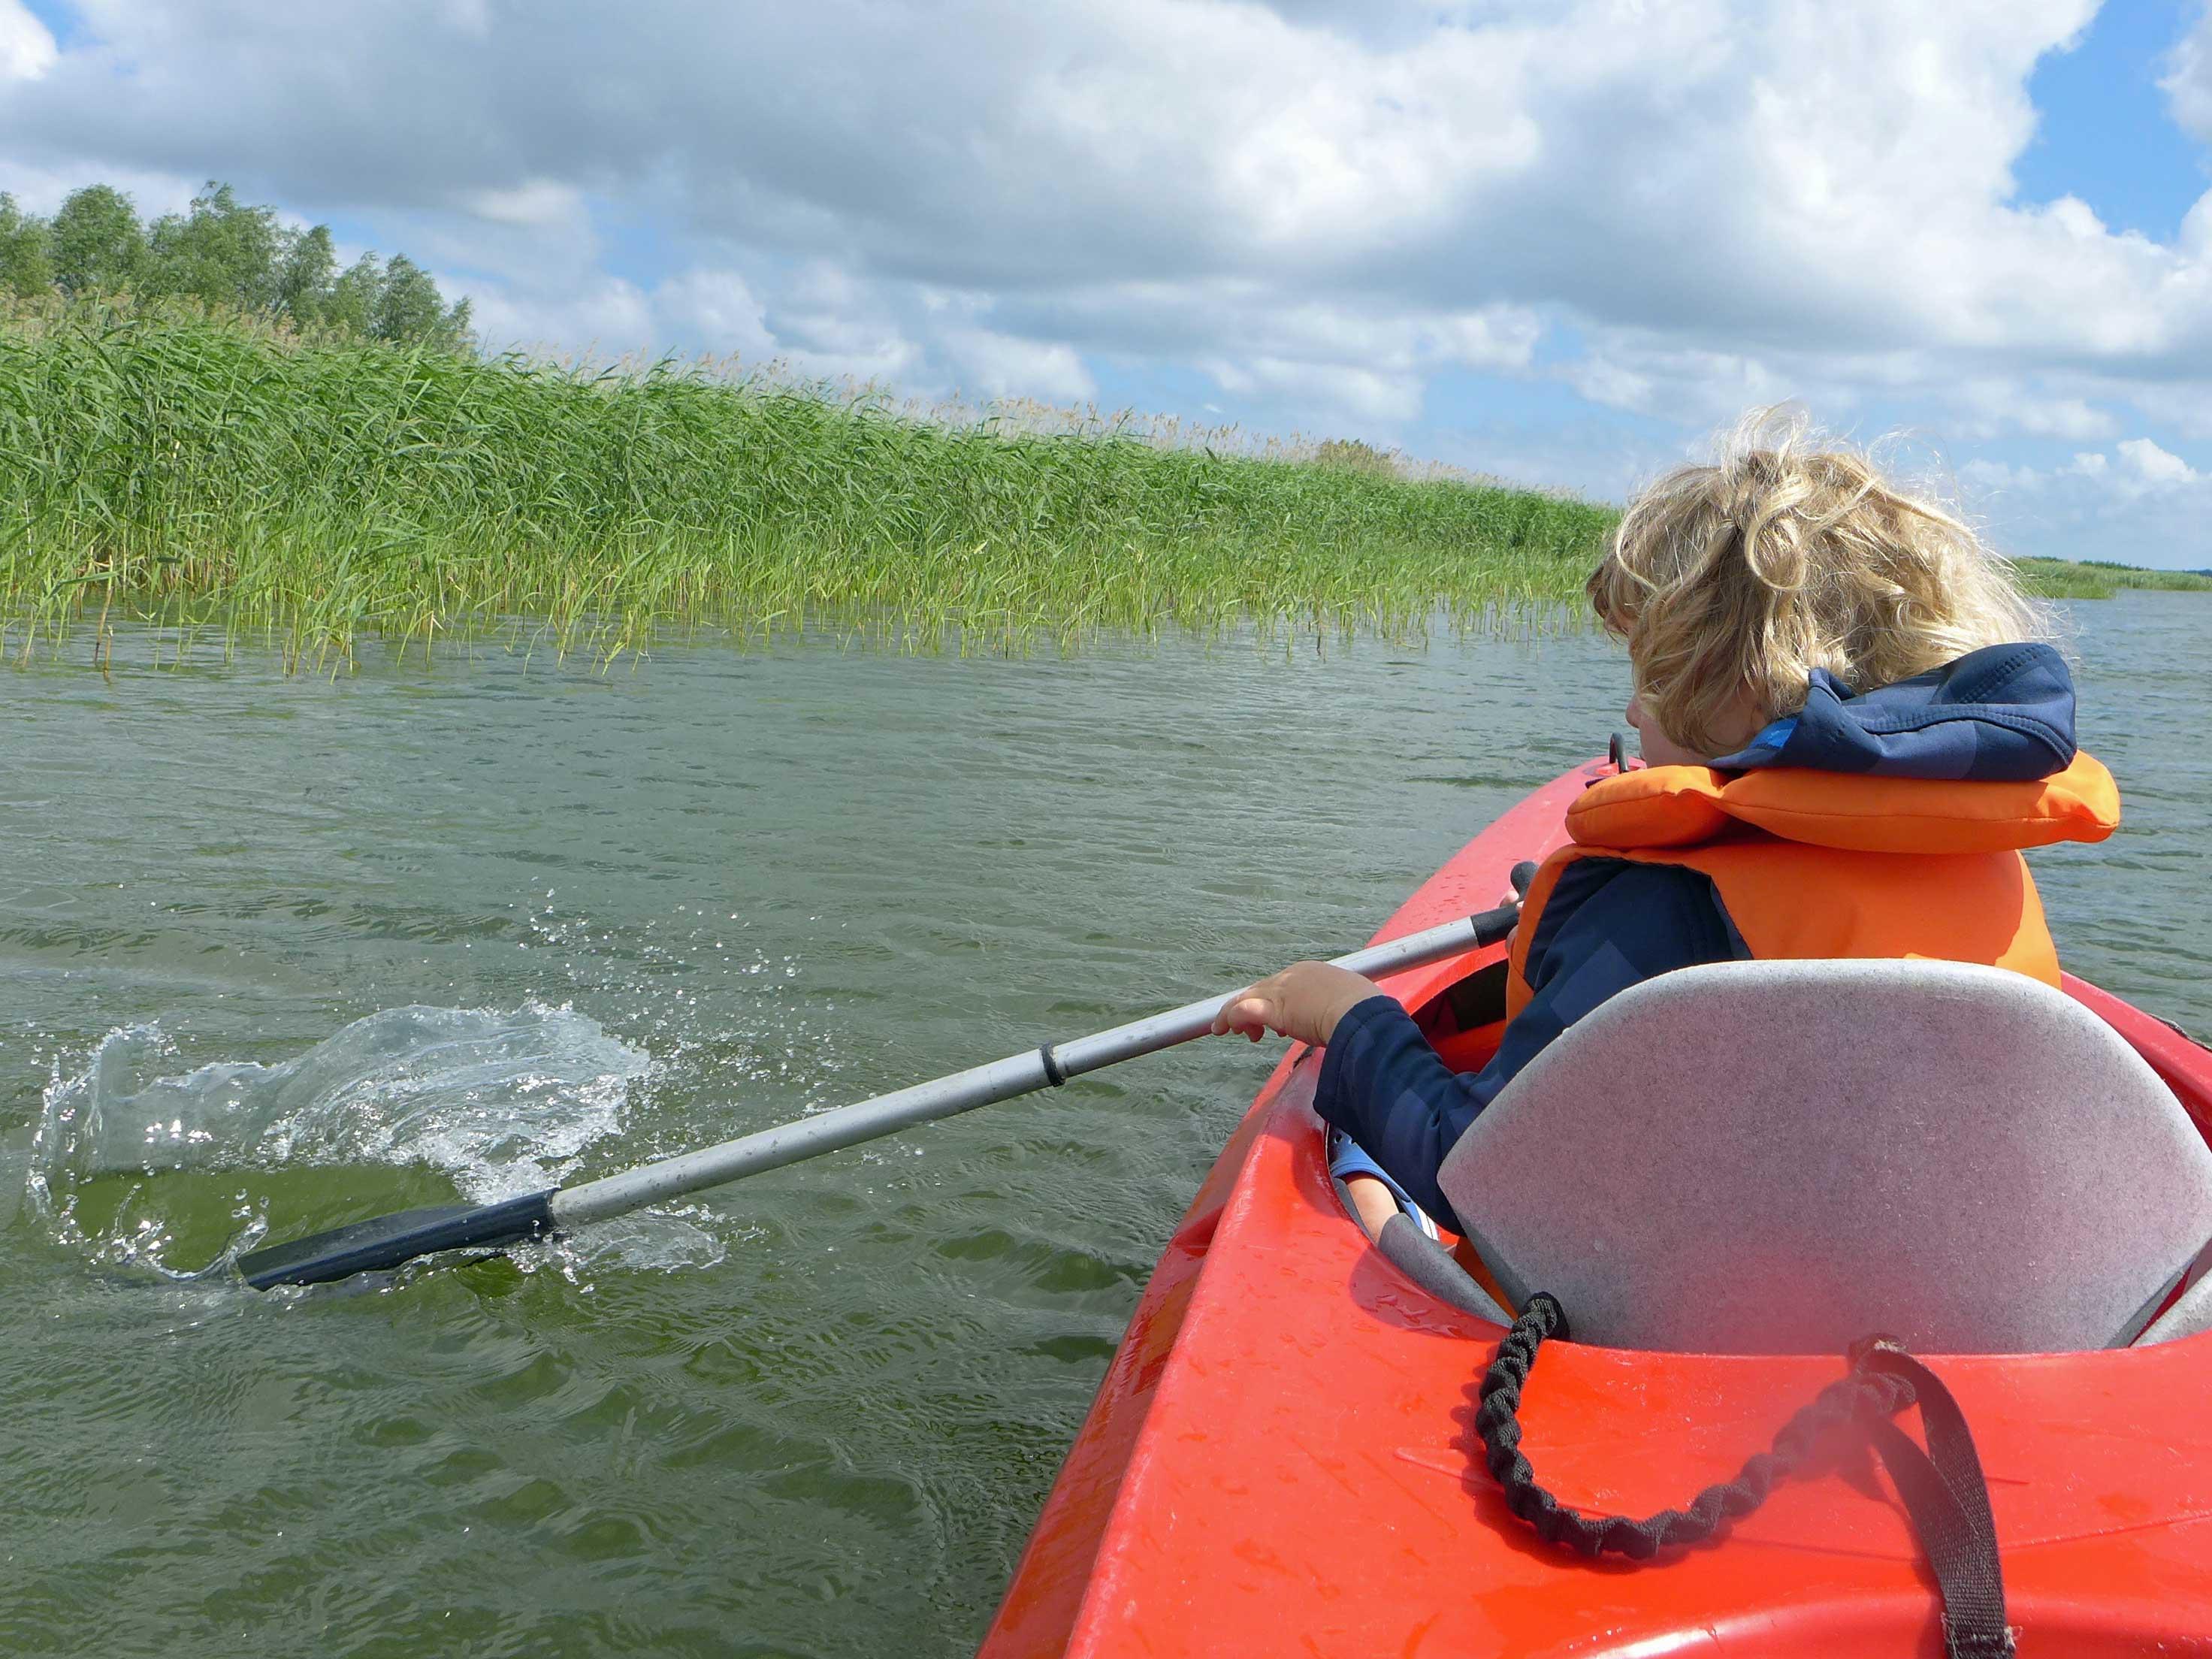 Ein Kleinkind paddelt im Kajak auf dem Usedomer Achterwasser,  Familienurlaub Usedom, Tipps Familienreise, Aktivurlaub mit der Familie, Usedom-Urlaub, Reiseblog. Reisefeder